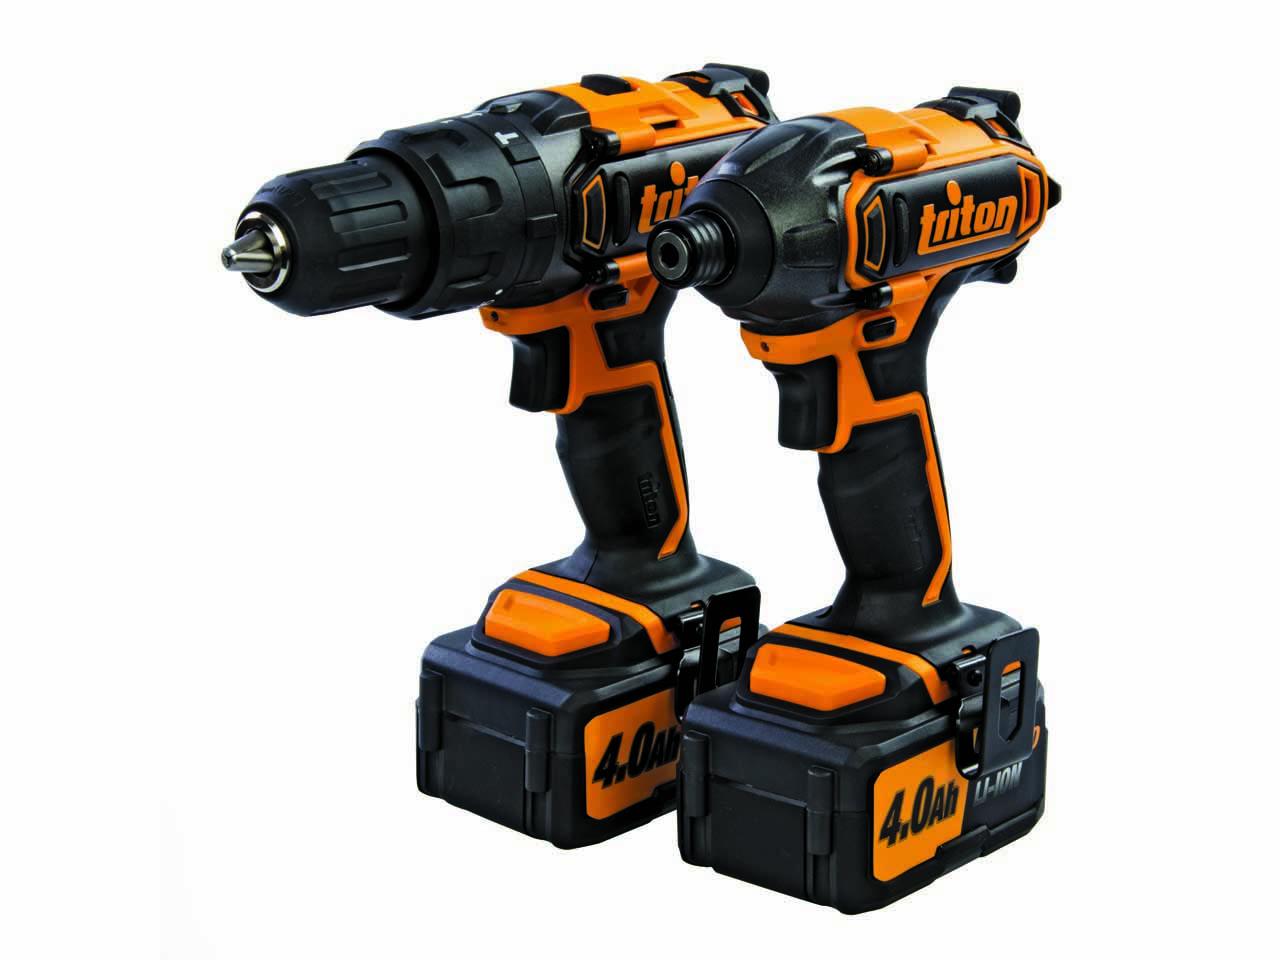 - Triton T20TP01 20V Li - Ion accu klopboor -/schroefmachine en slagschroevendraaier combiset(2x 4.0Ah )